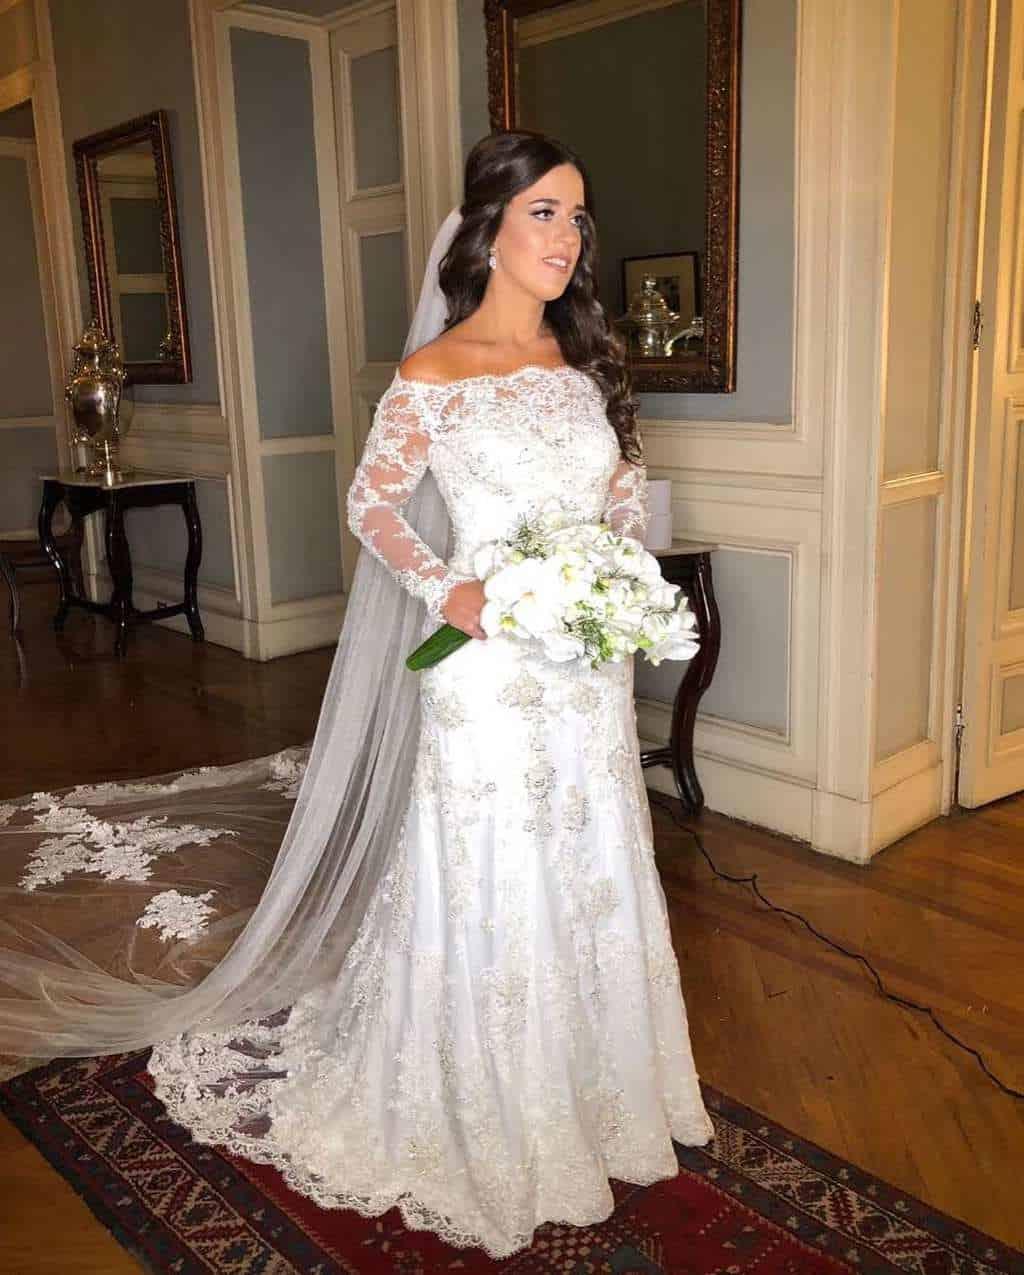 casamento-fernanda-e-leandro-casamento-sp-Fotografia-Produtora-7-casamento-clássico-casamento-tradicional-wedding-86